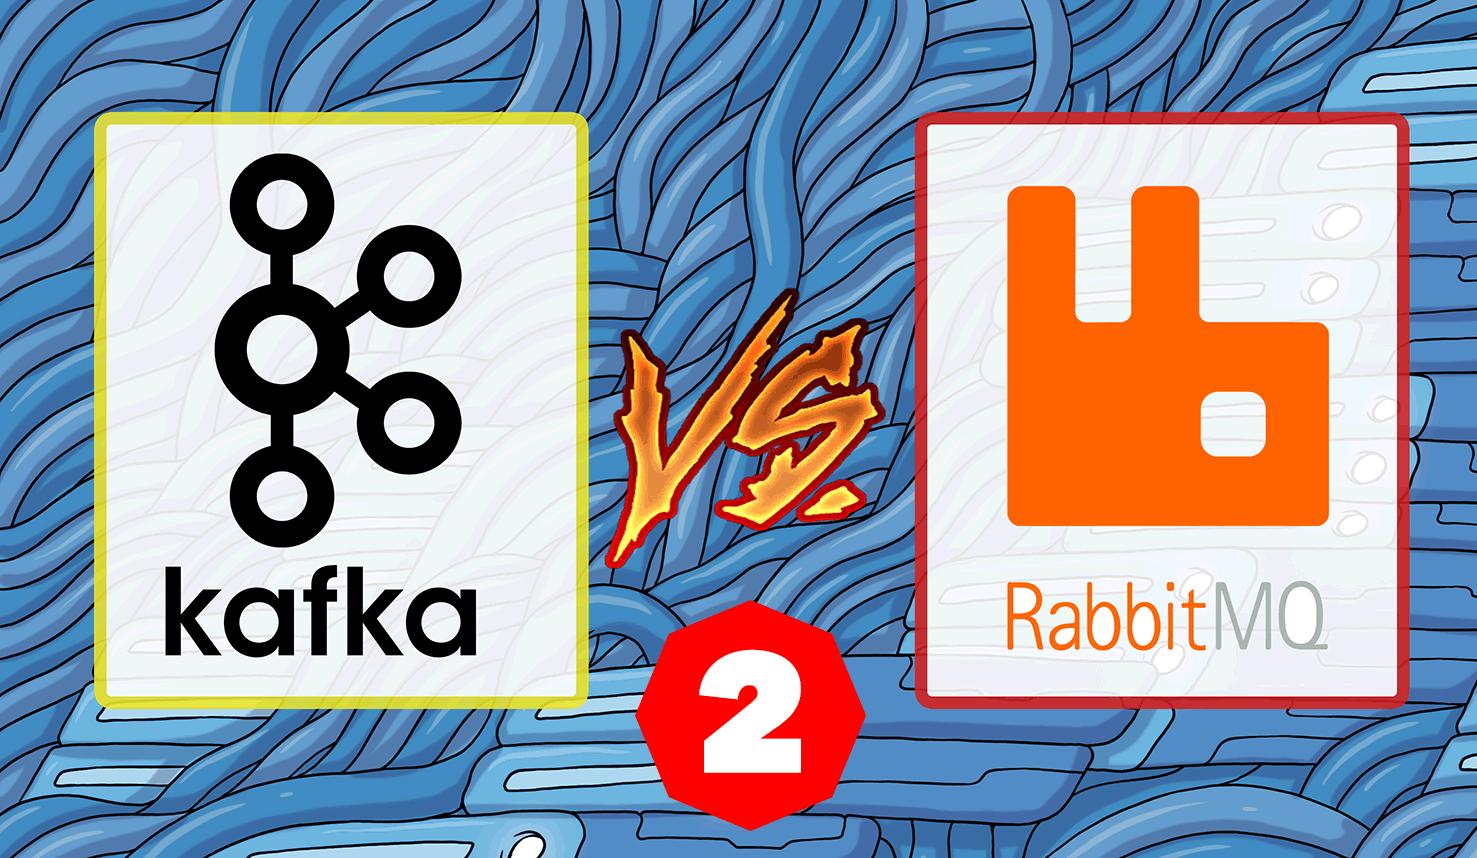 RabbitMQ против Kafka: применение Kafka в событийно ориентированных приложениях - 1